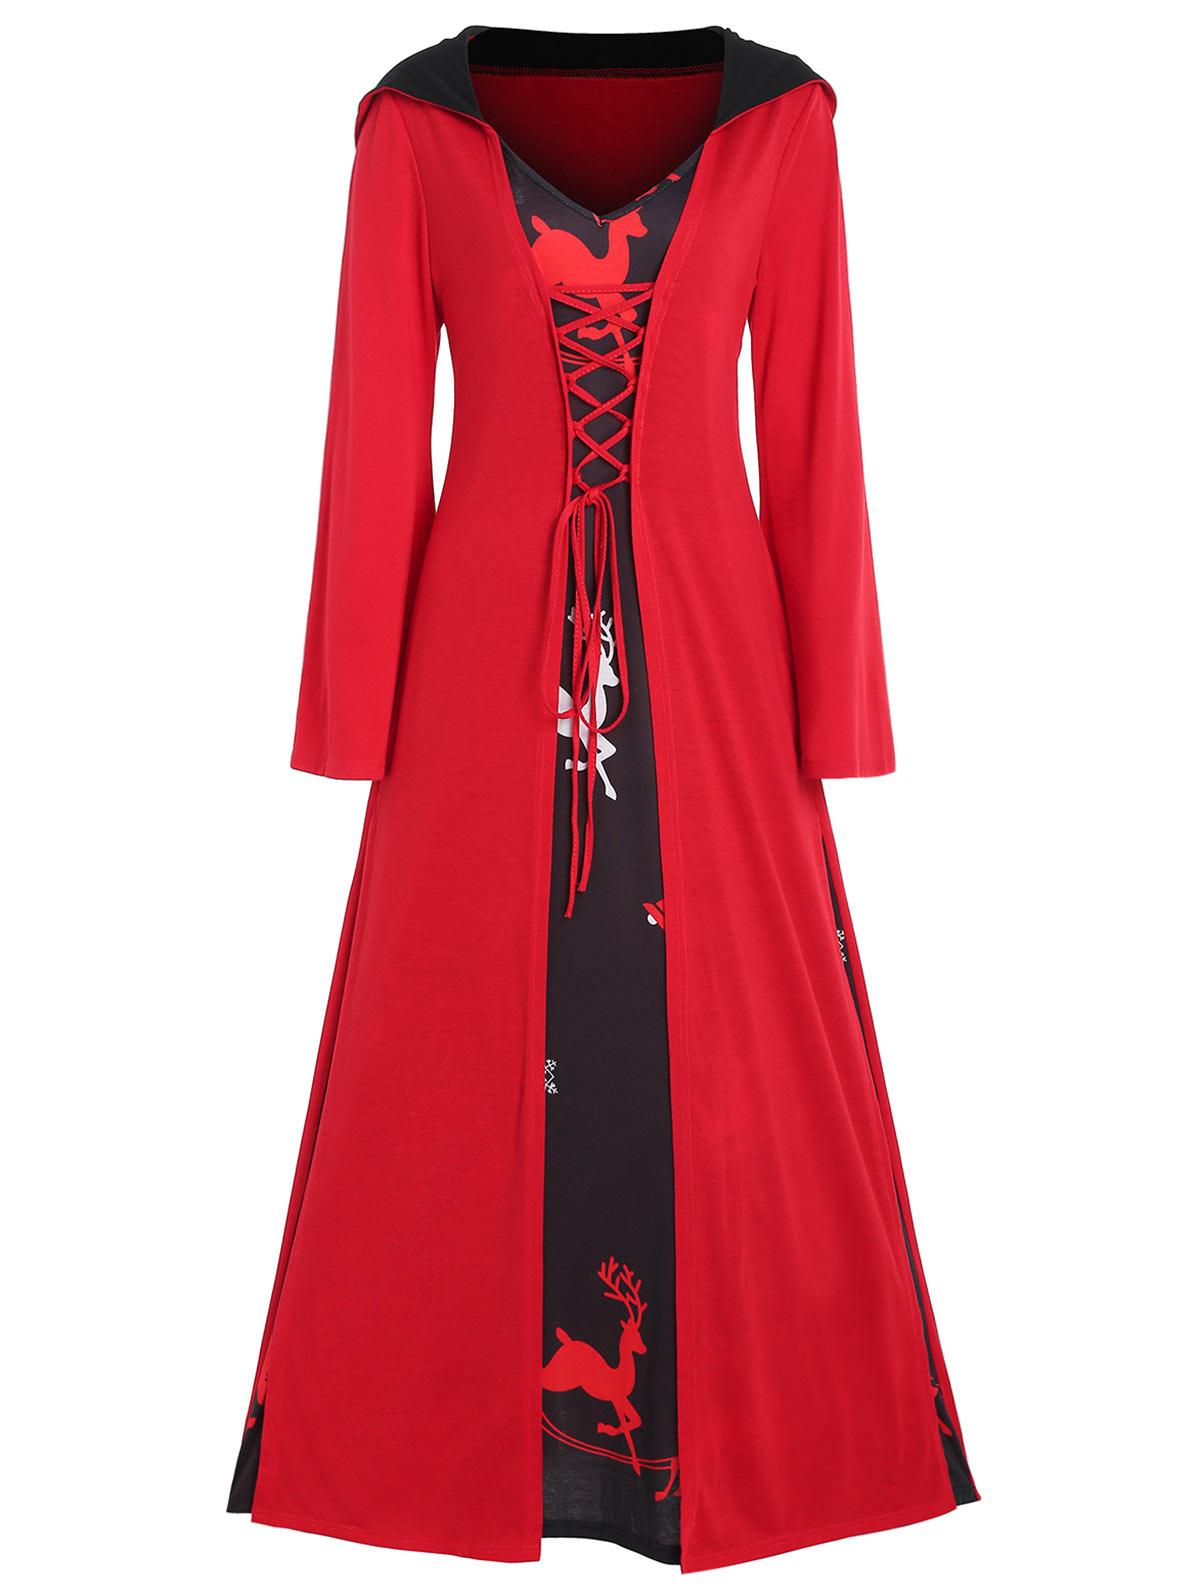 Женское длинное платье с капюшоном Wipalo, Повседневное платье с длинным рукавом, длинное платье трапециевидной формы на Рождество, большие ра